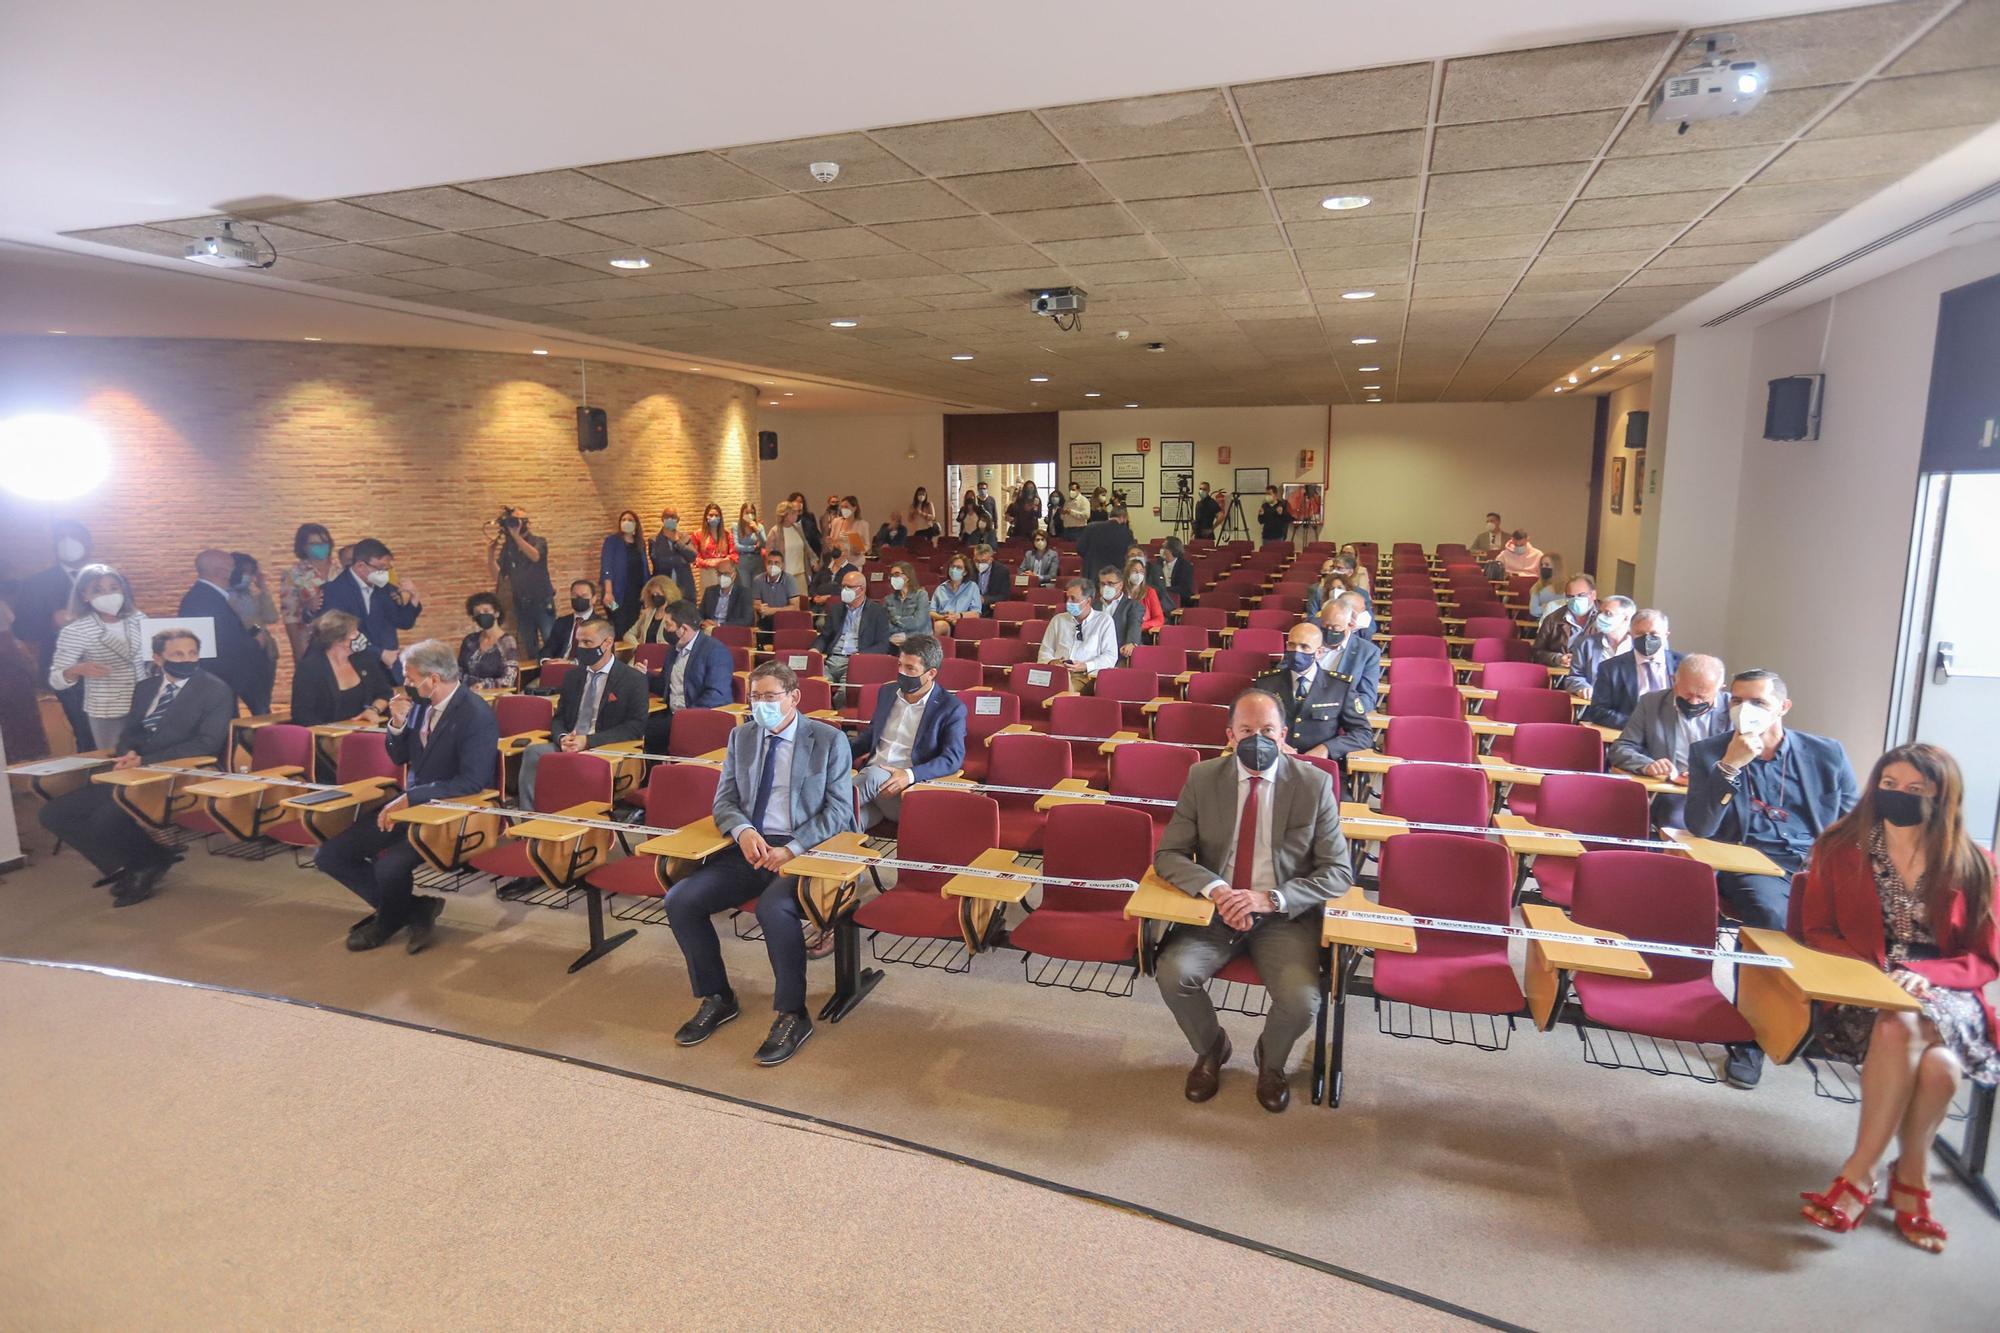 La UMH presenta en el campus de Orihuela el Centro de Investigación e Innovación Agroalimentaria y Agroambiental